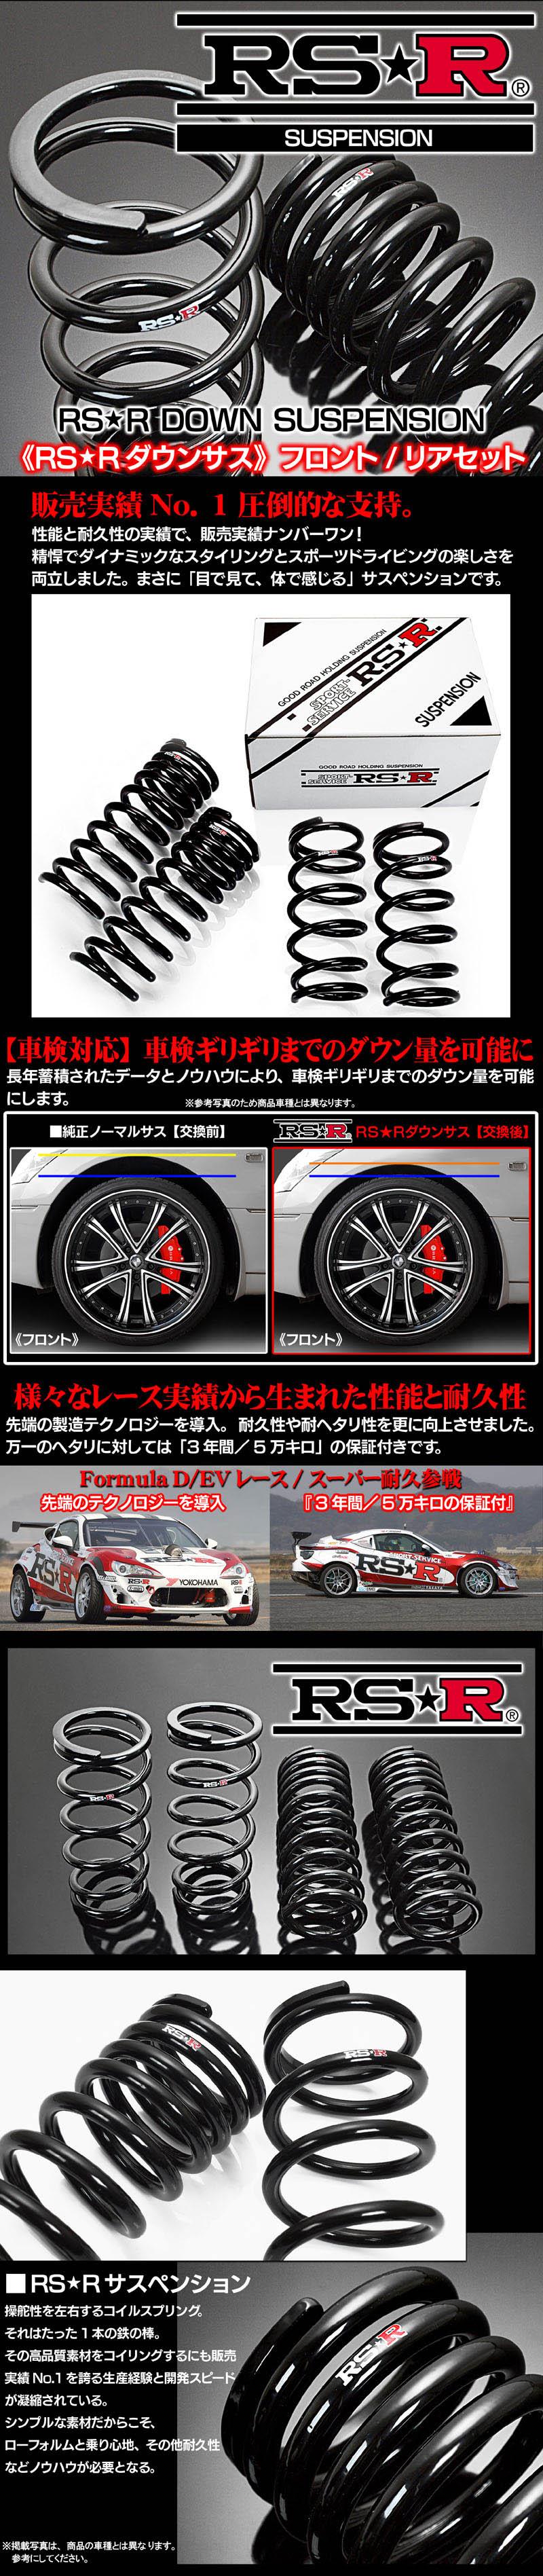 レクサスRSRダウンサス1台分【送料無料】RS-R